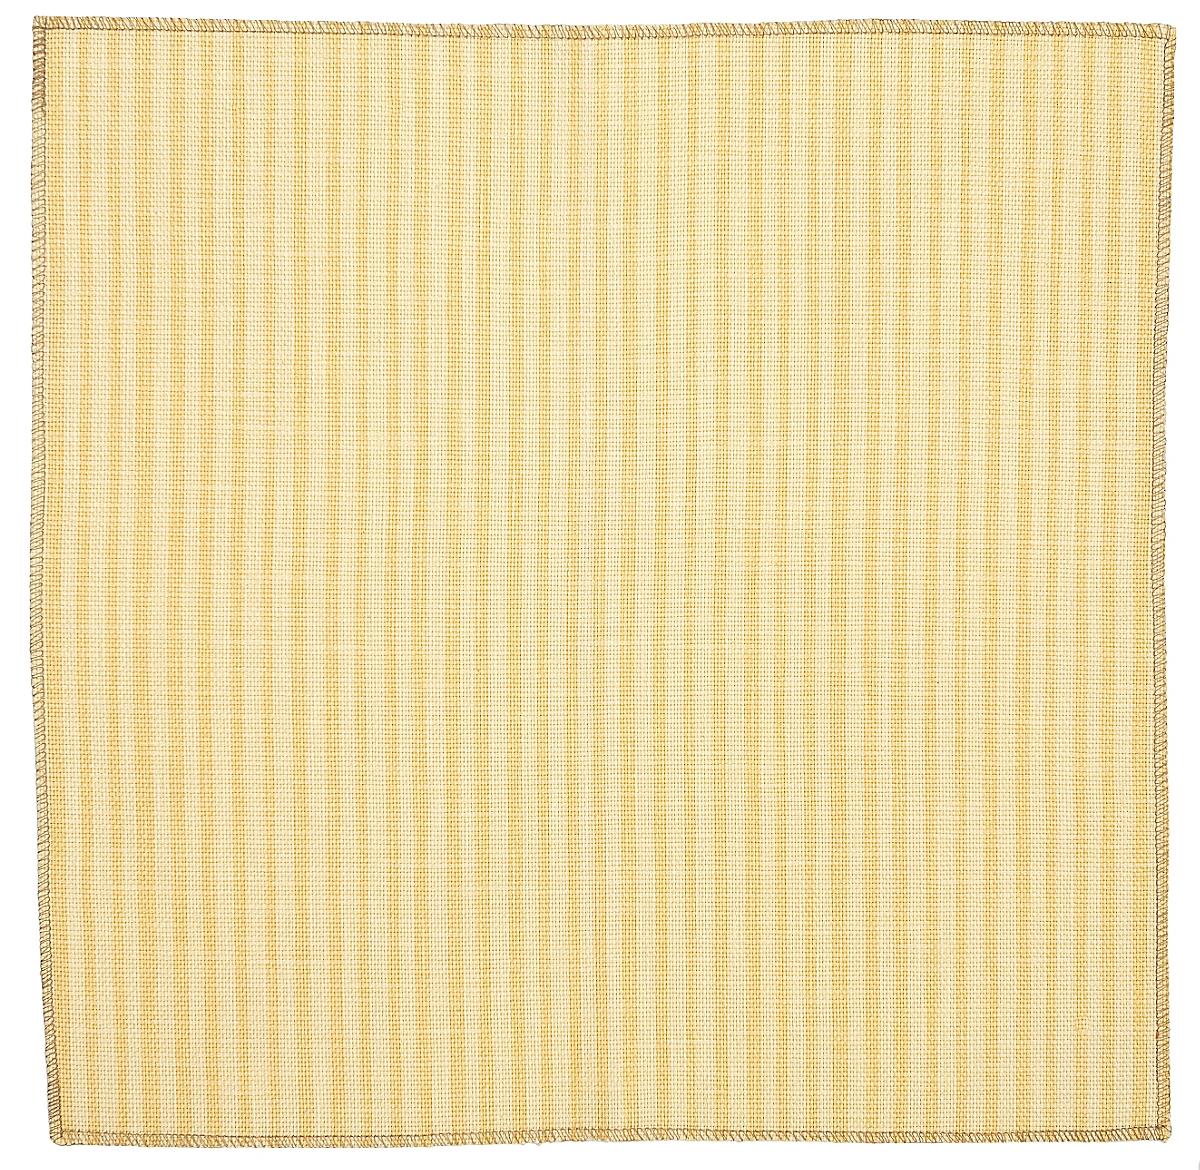 Stripe Tease: Sun (fabric yardage)